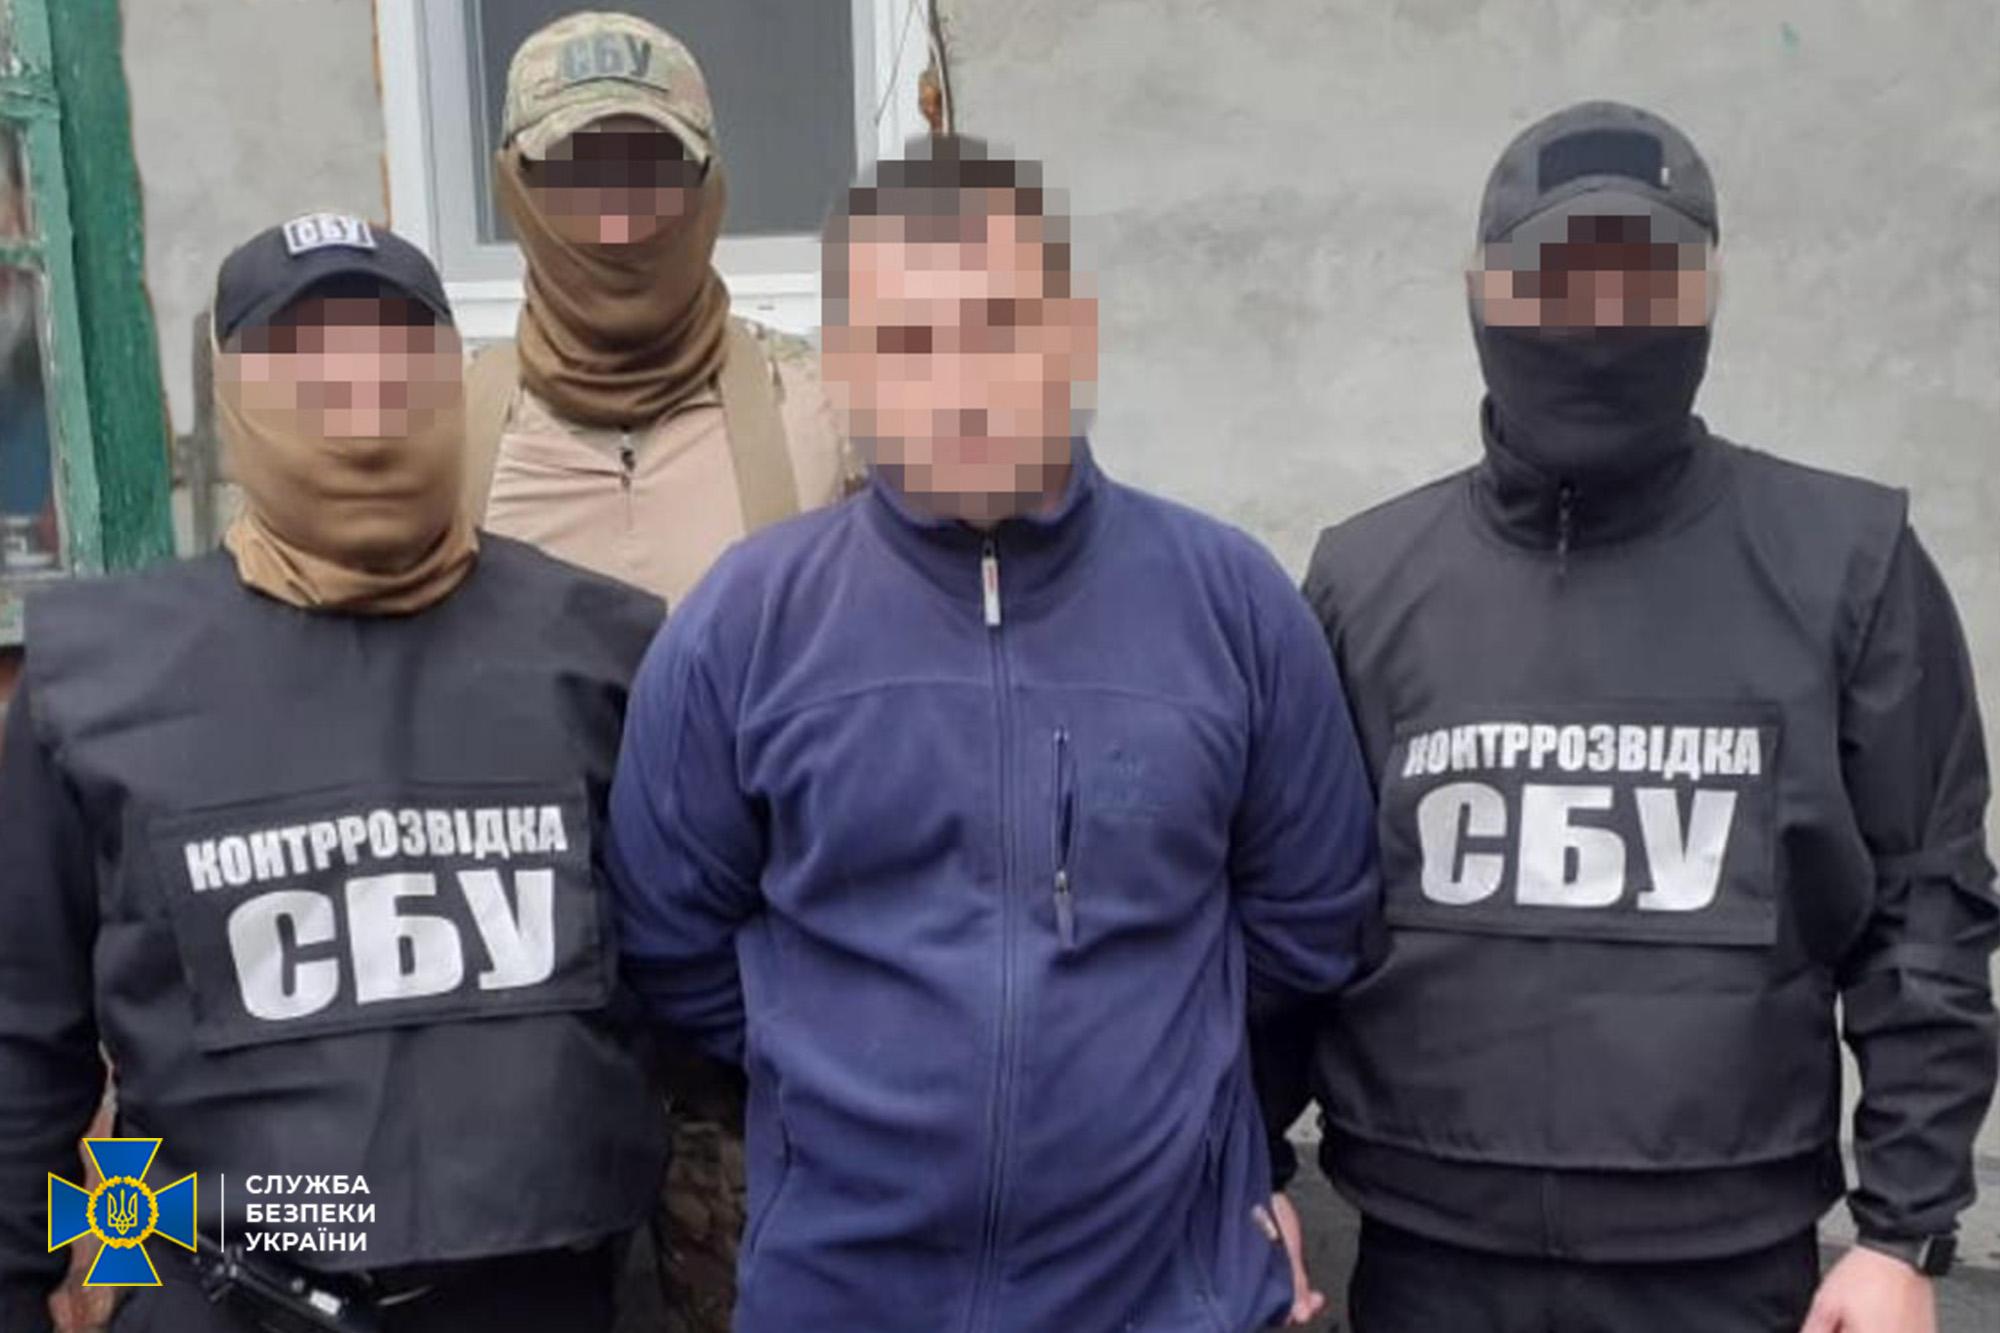 На Донбасі затримали агента ДНР – СБУ